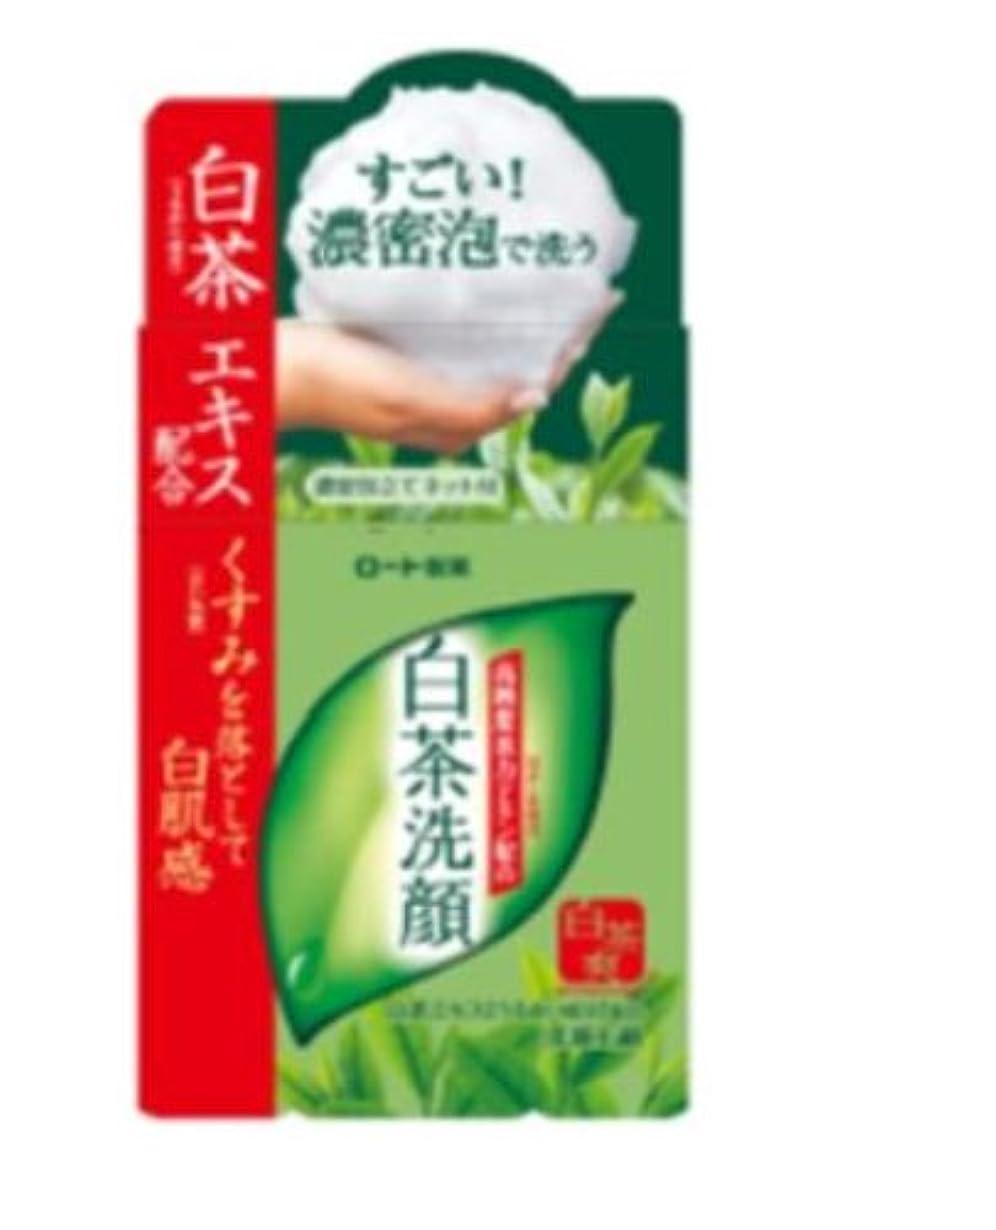 適合移動する死傷者ロート製薬 白茶爽 白茶洗顔石鹸 高純度茶カテキン配合 濃密泡立てネット付 85g